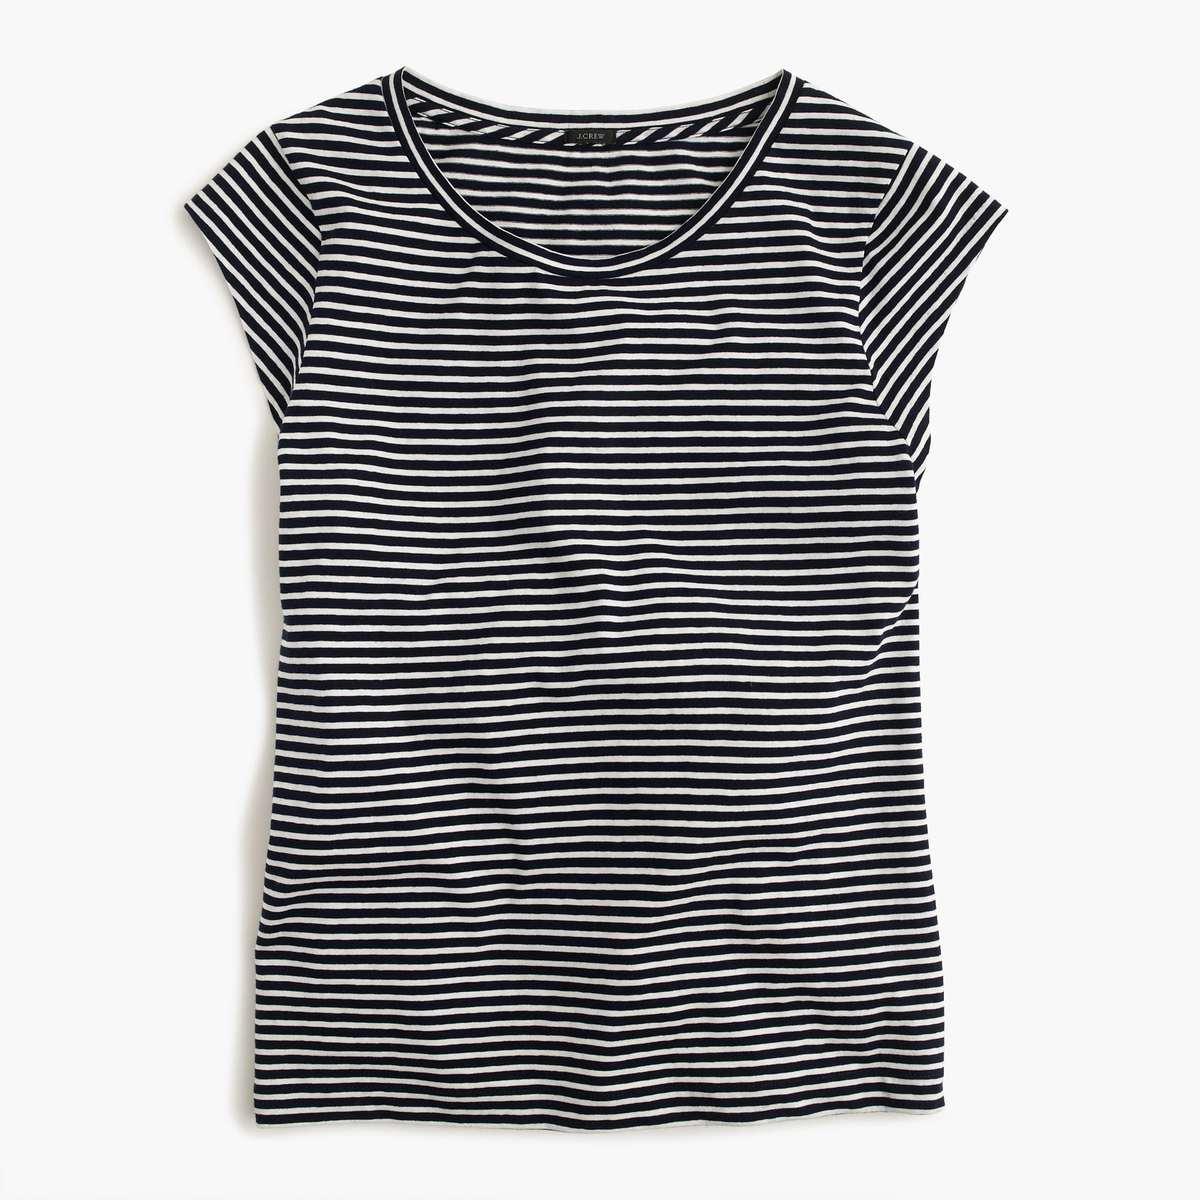 J. Crew Ballet Cap Sleeve T-Shirt - Wardrobe Oxygen